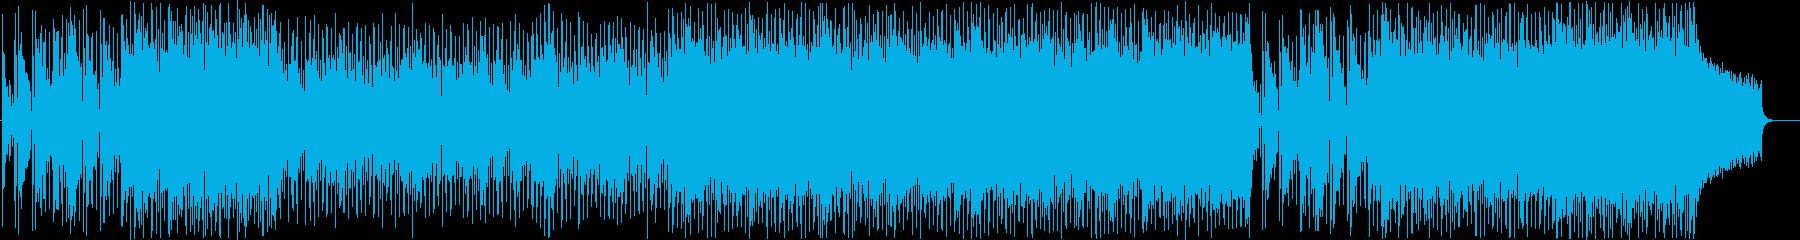 80年代風キラキラなダンスポップ Vo無の再生済みの波形